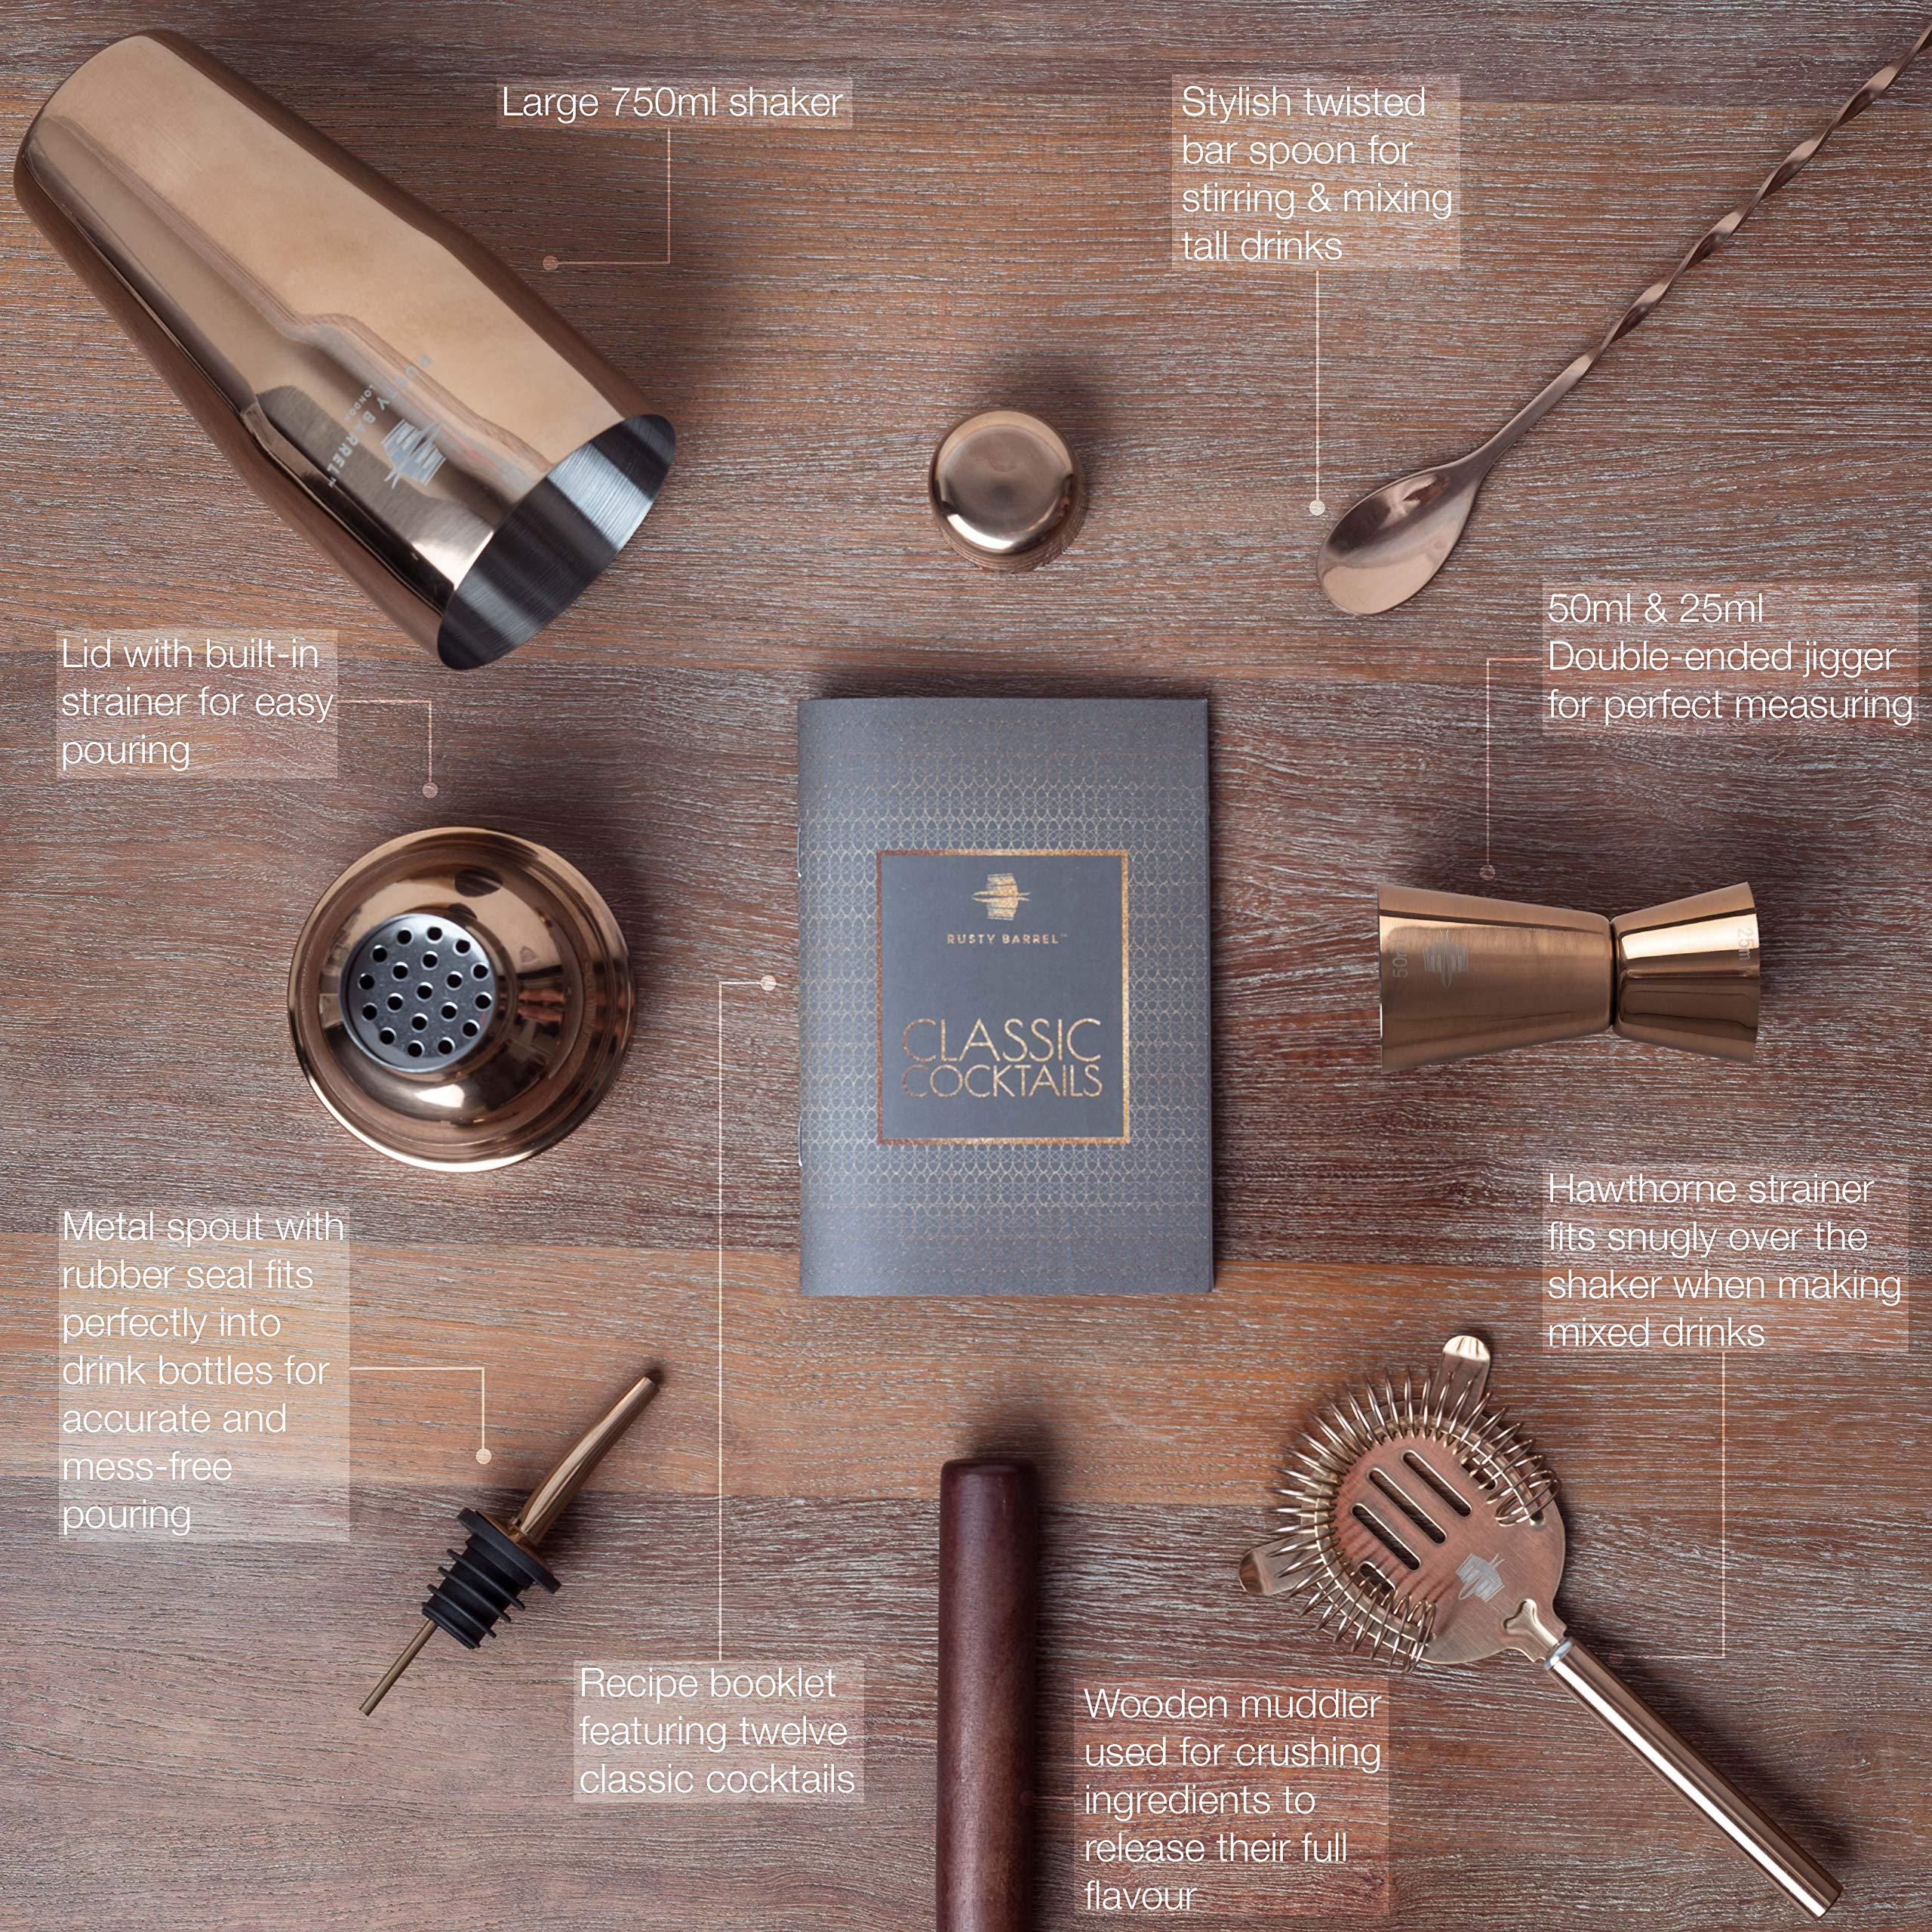 Rusty-Barrel-Mayfair-Cocktail-Shaker-Set-Groer-Manhattan-Style-Edelstahl-Shaker-Stel-aus-Holz-Sieb-Jigger-Messbecher-Barma-Ausgieer-Lffel-Rezeptbuch-in-luxuriser-Geschenk-Schachtel